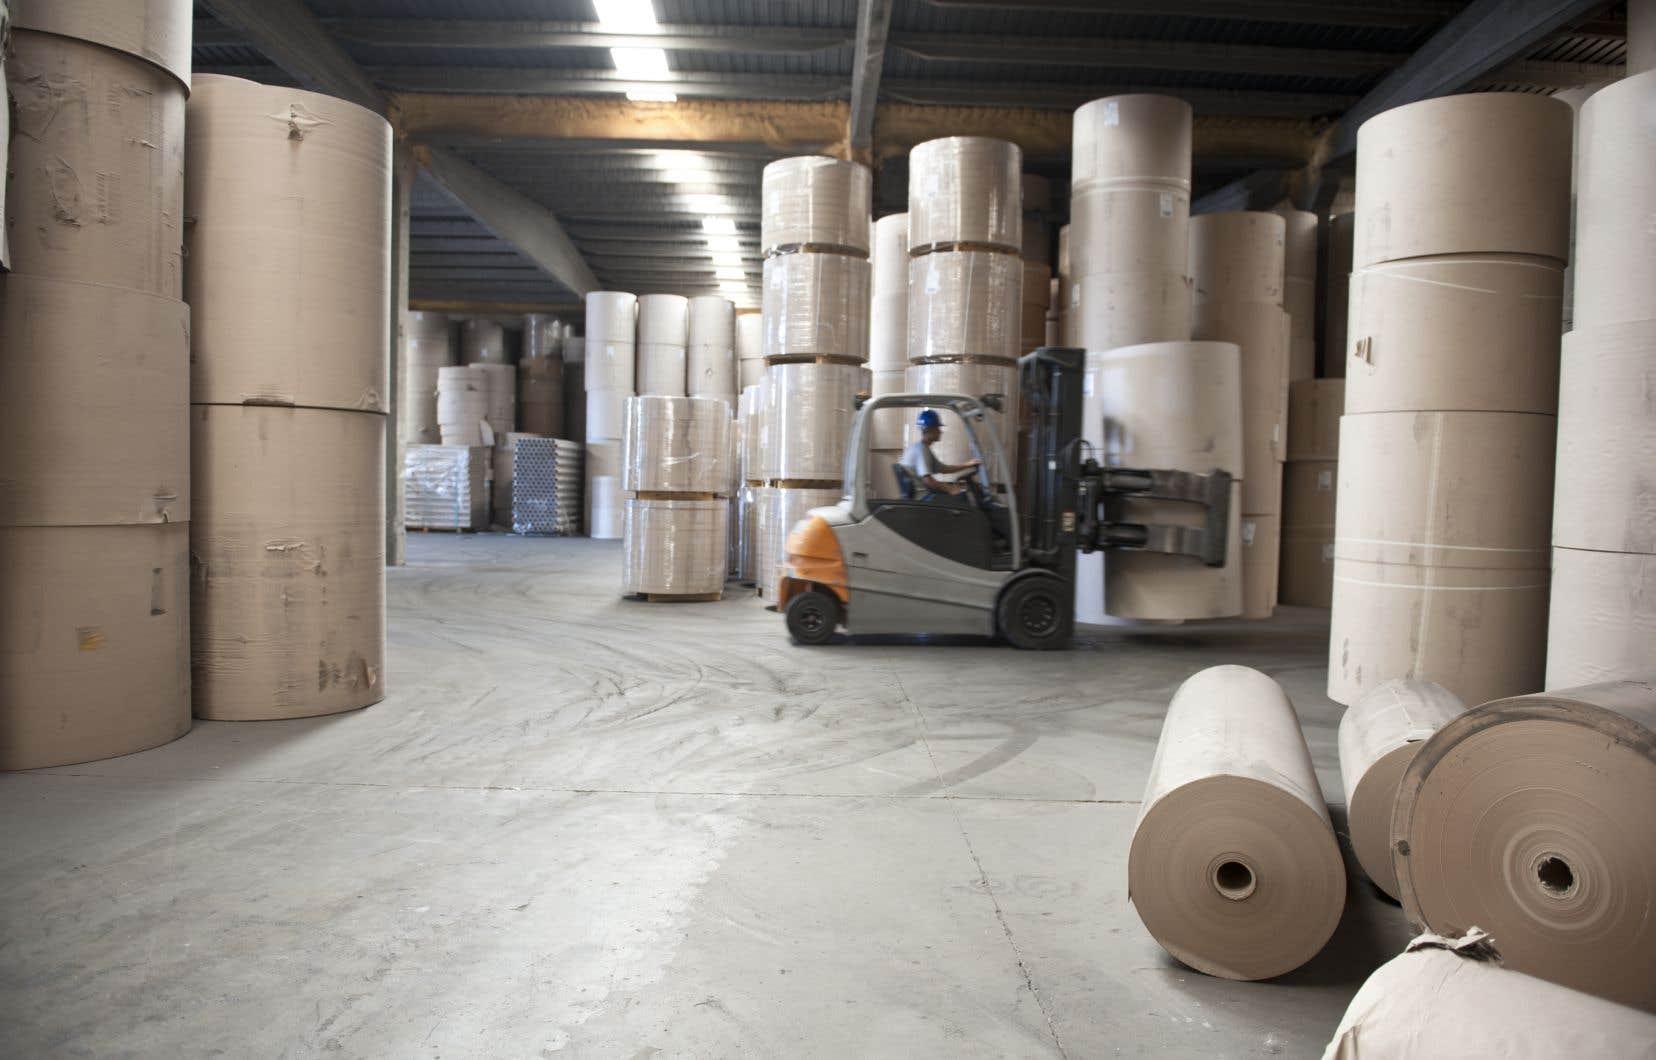 L'entreprise Mercer International jugeait qu'elle faisait l'objet de discrimination concernant la production d'électricité à son usine de pâte kraft.